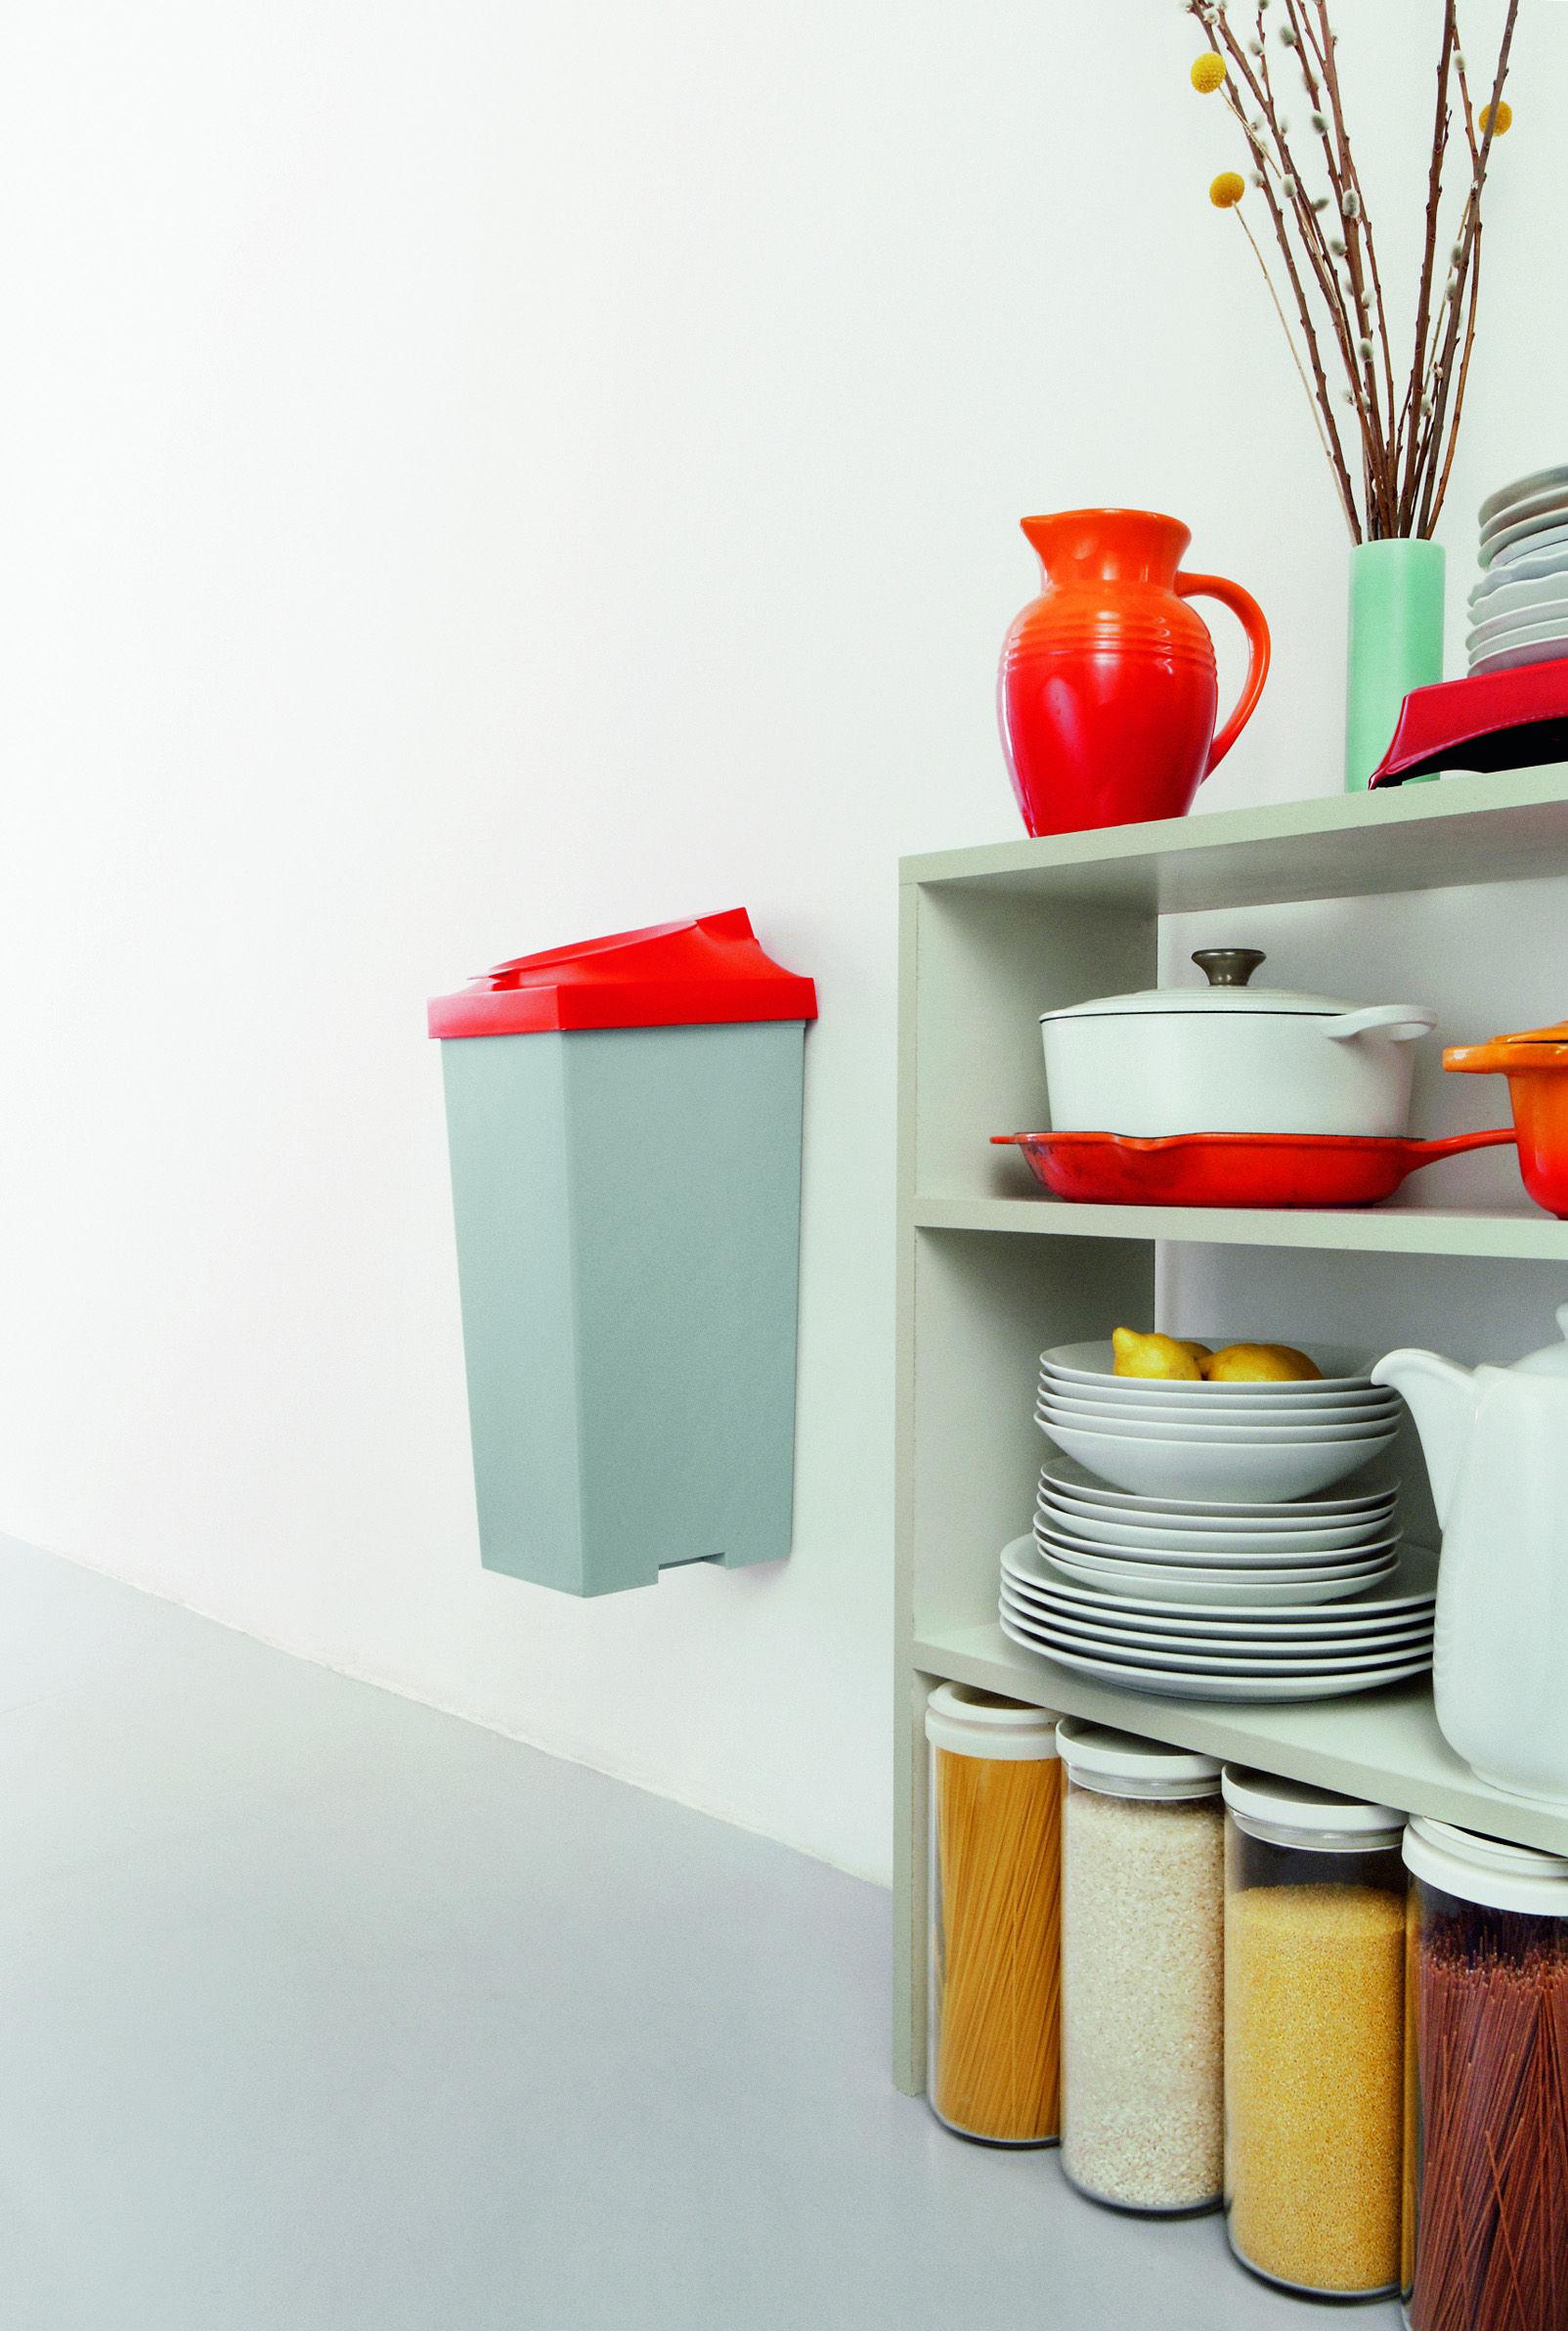 Bester Mülleimer Küche. 3 Zimmer Küche Sarg Hygienevorschriften ...